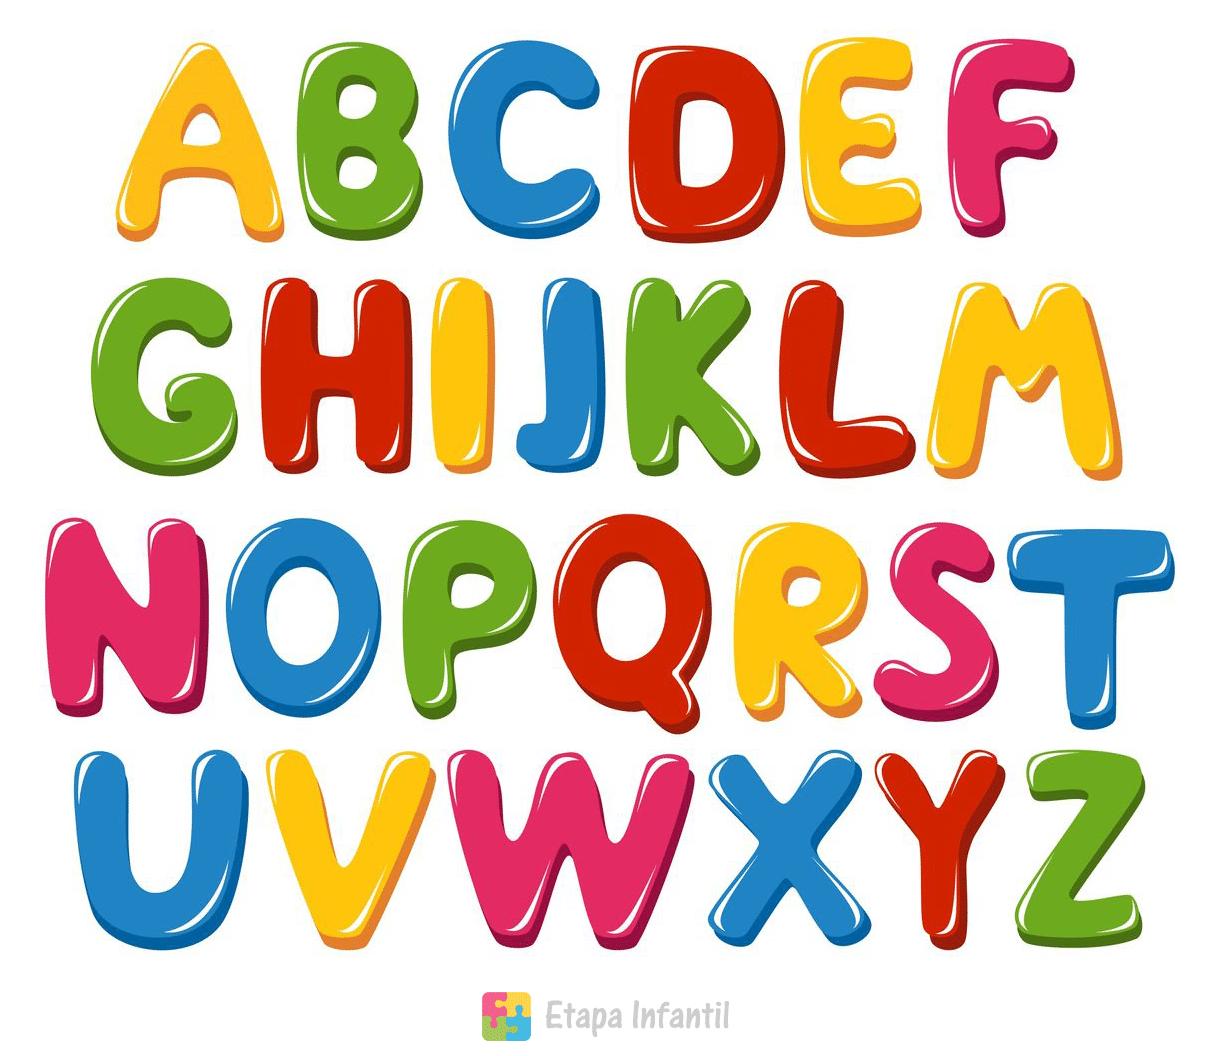 enseñar de forma divertida el abecedario a un niño etapa infantil